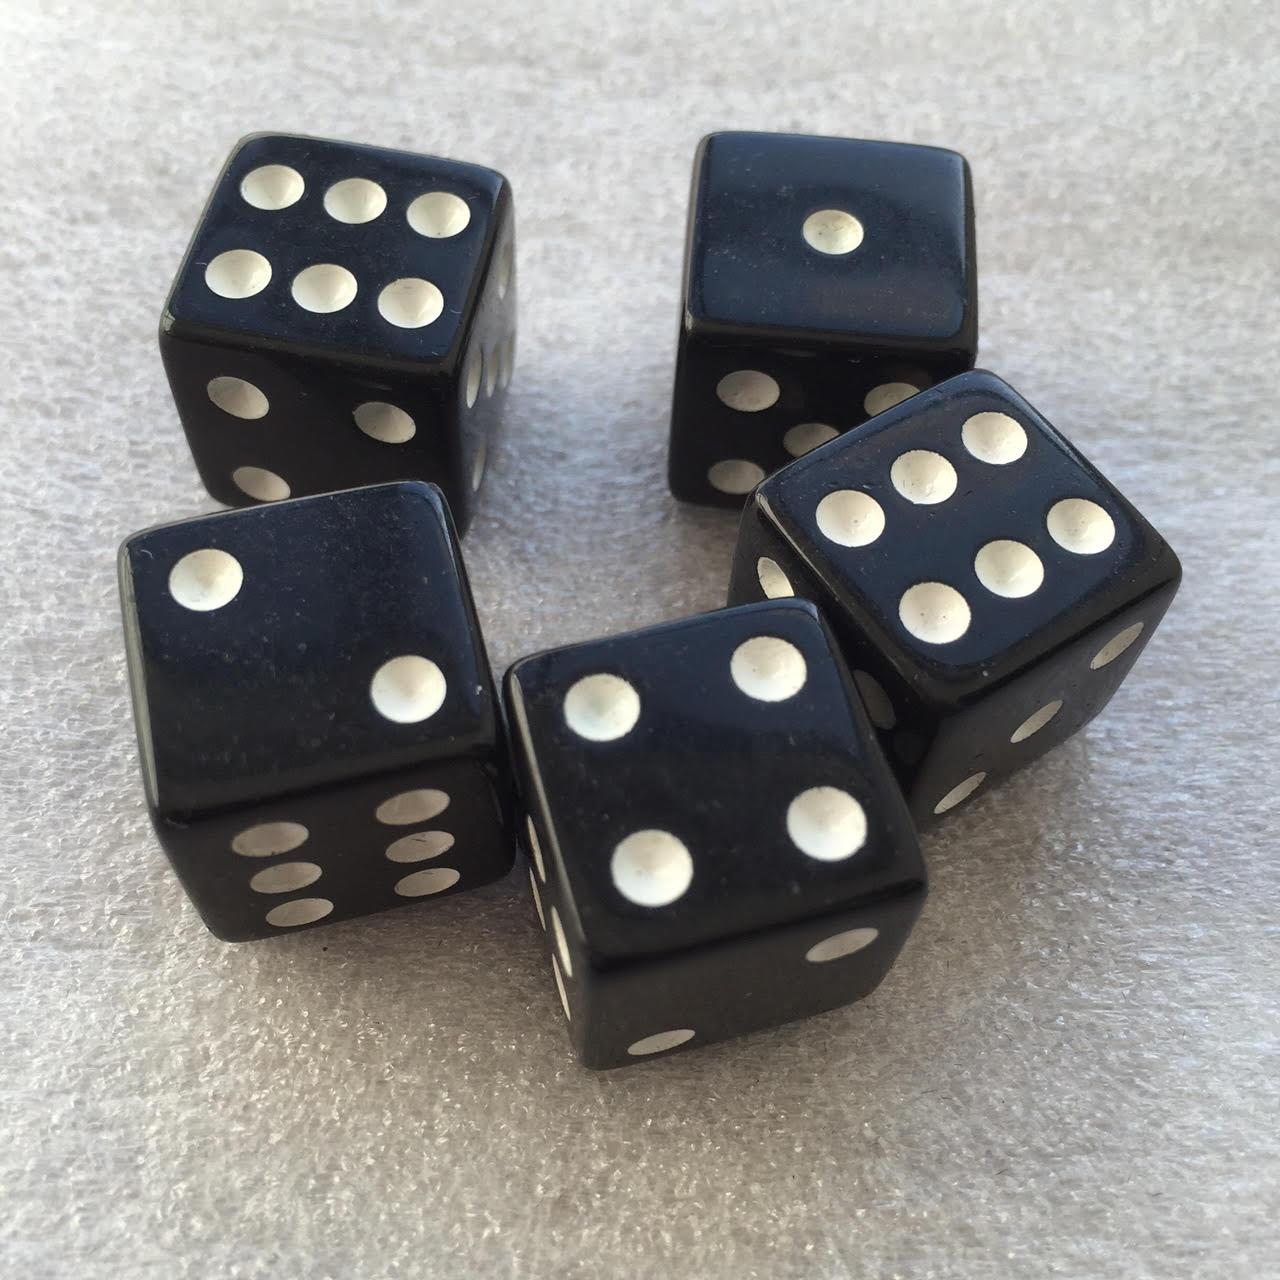 Black dice (x5 in the basic bag).